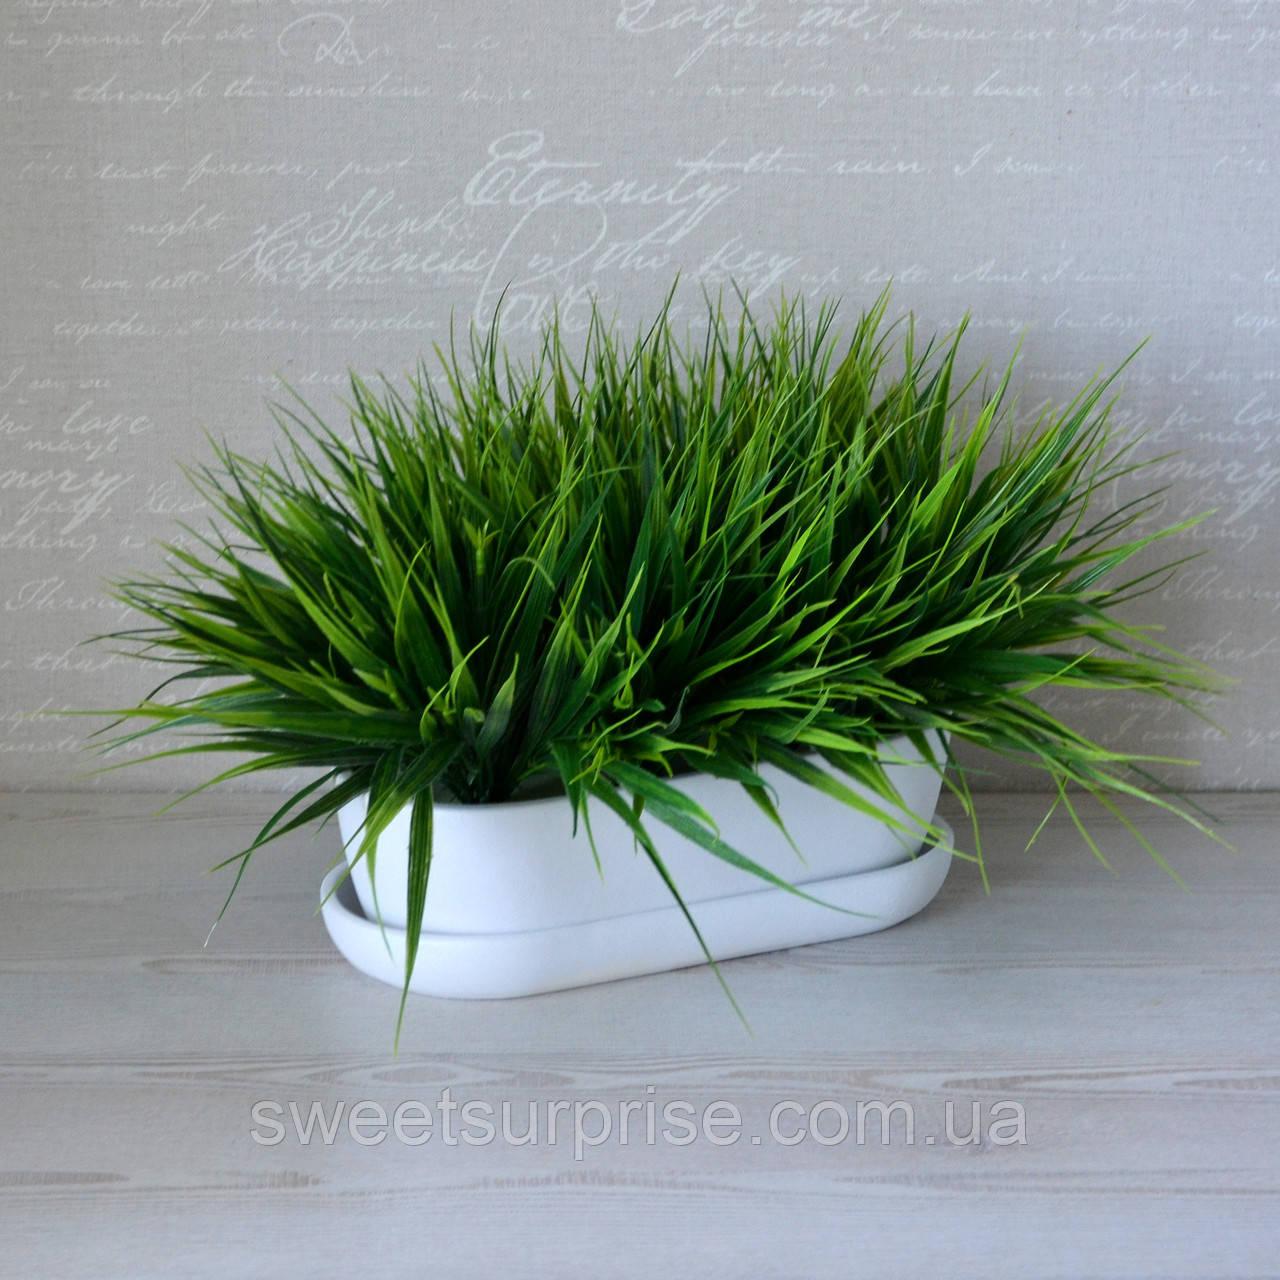 Декоративная трава в горшке для ресторана